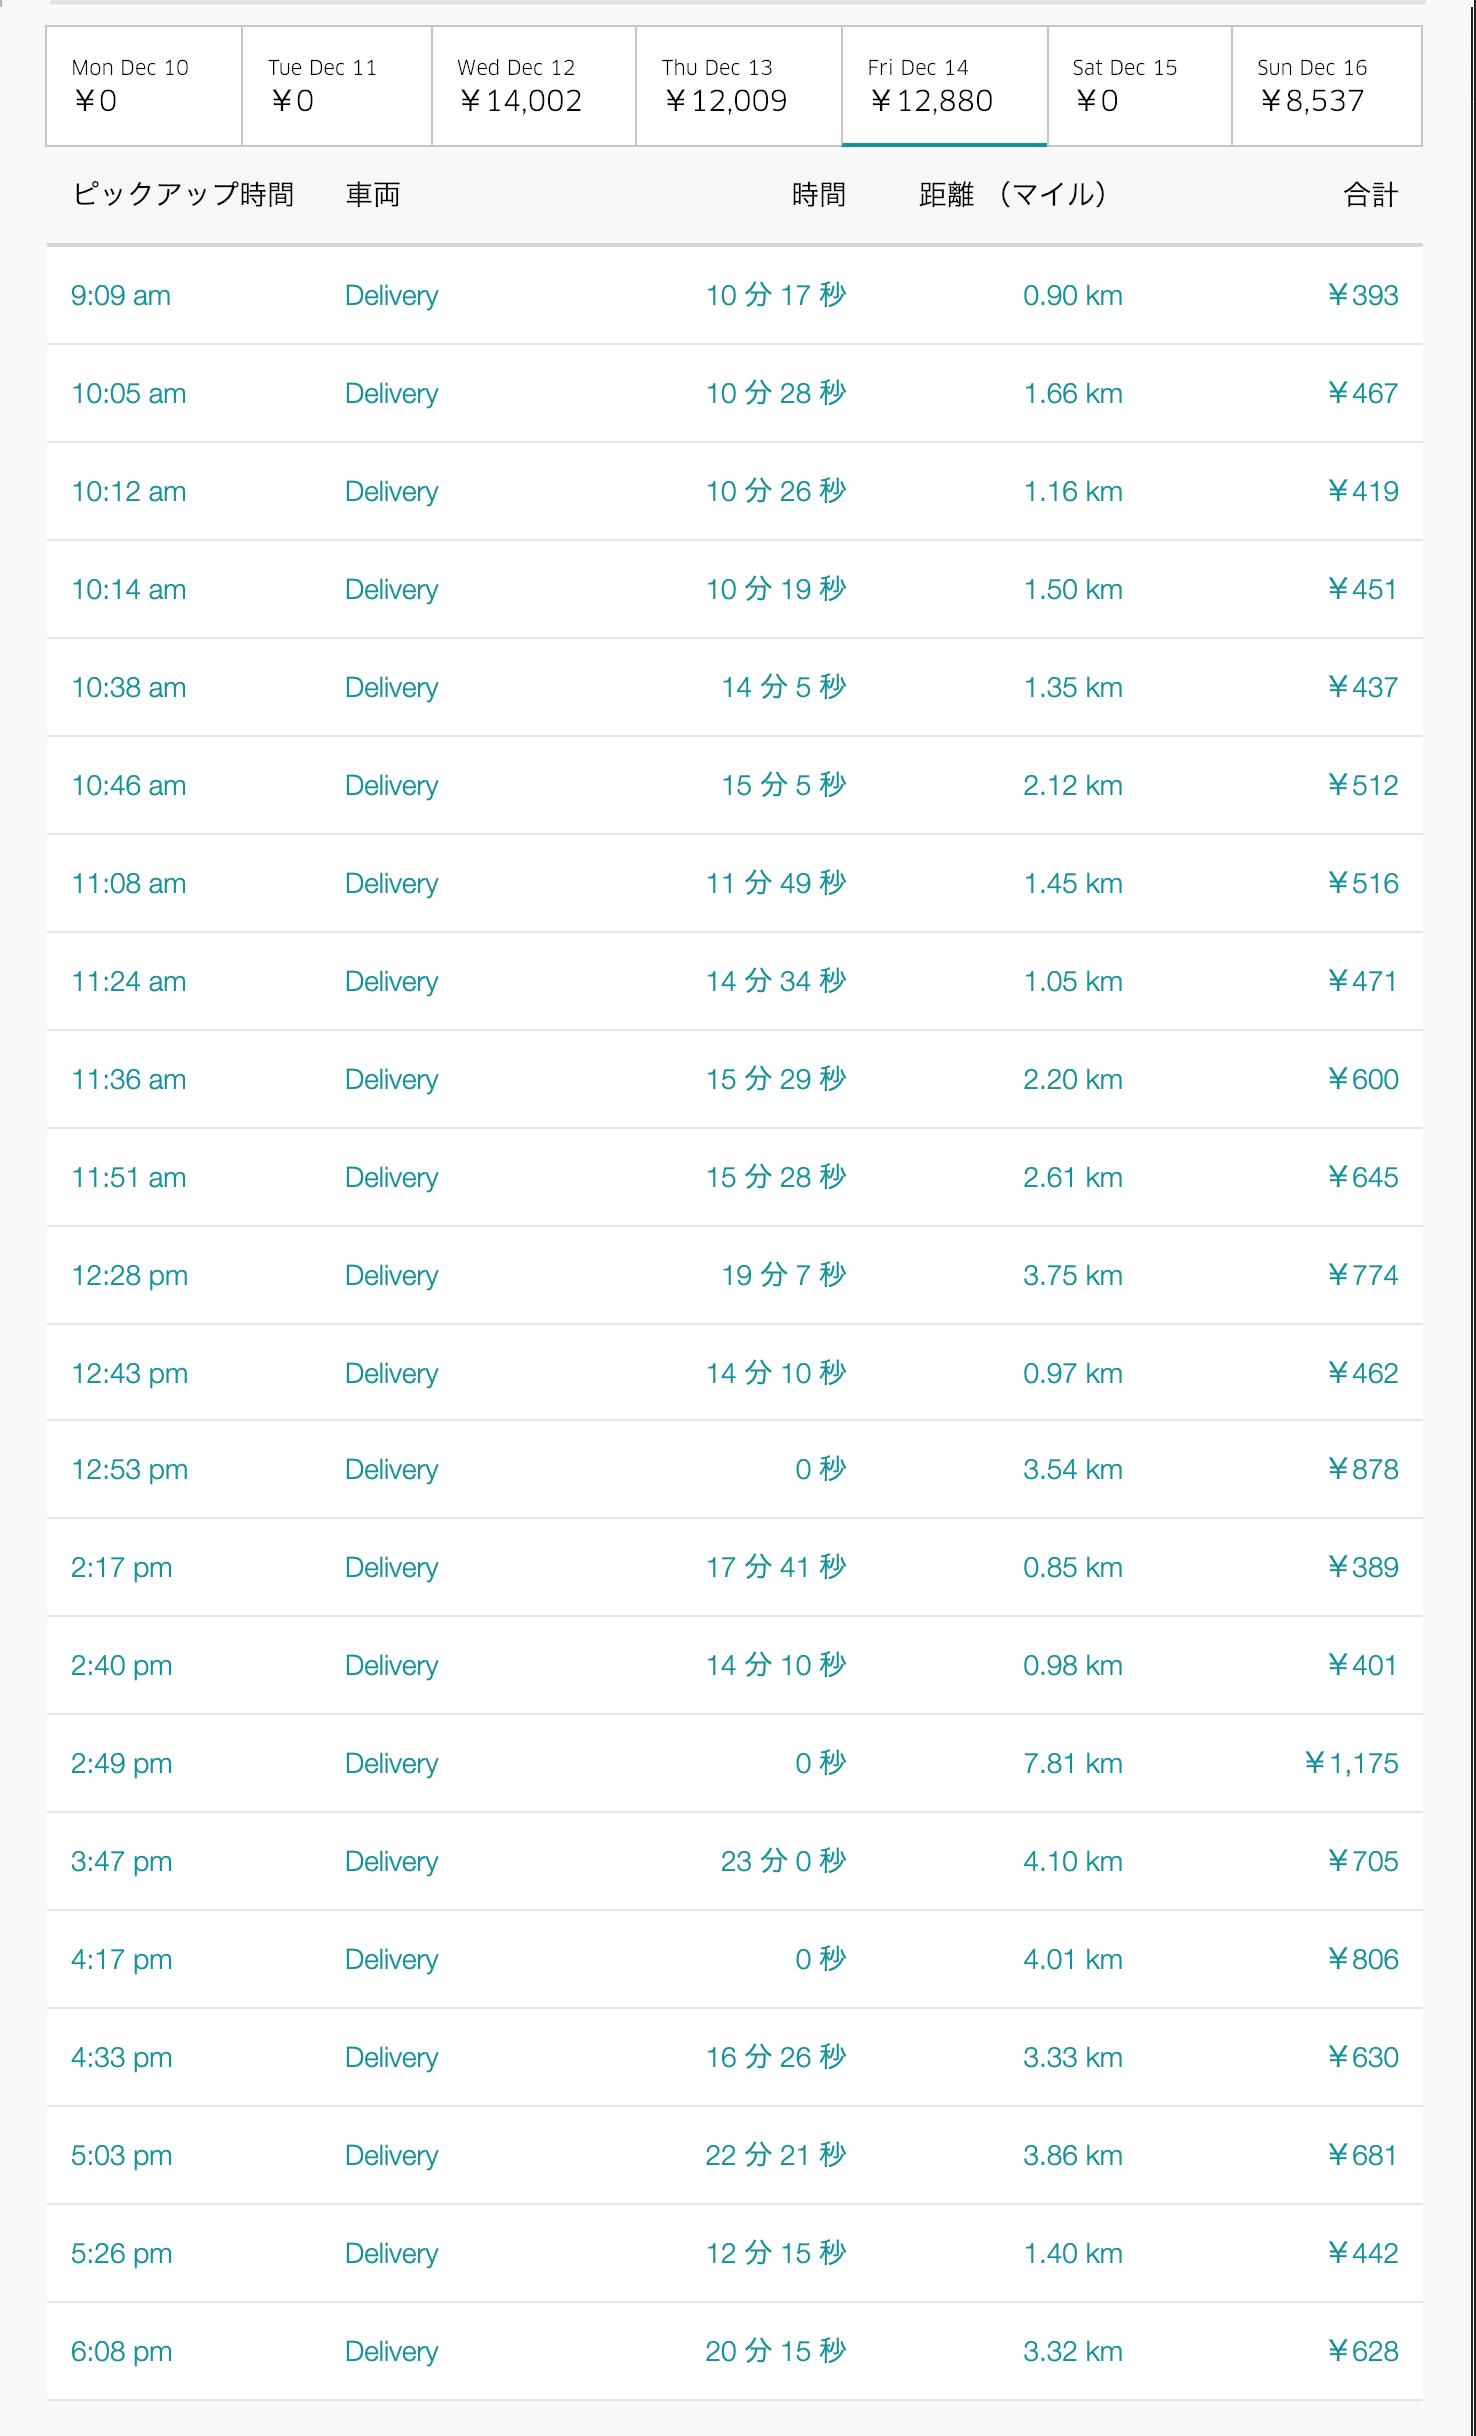 Uber Eats12月14日の配達数字